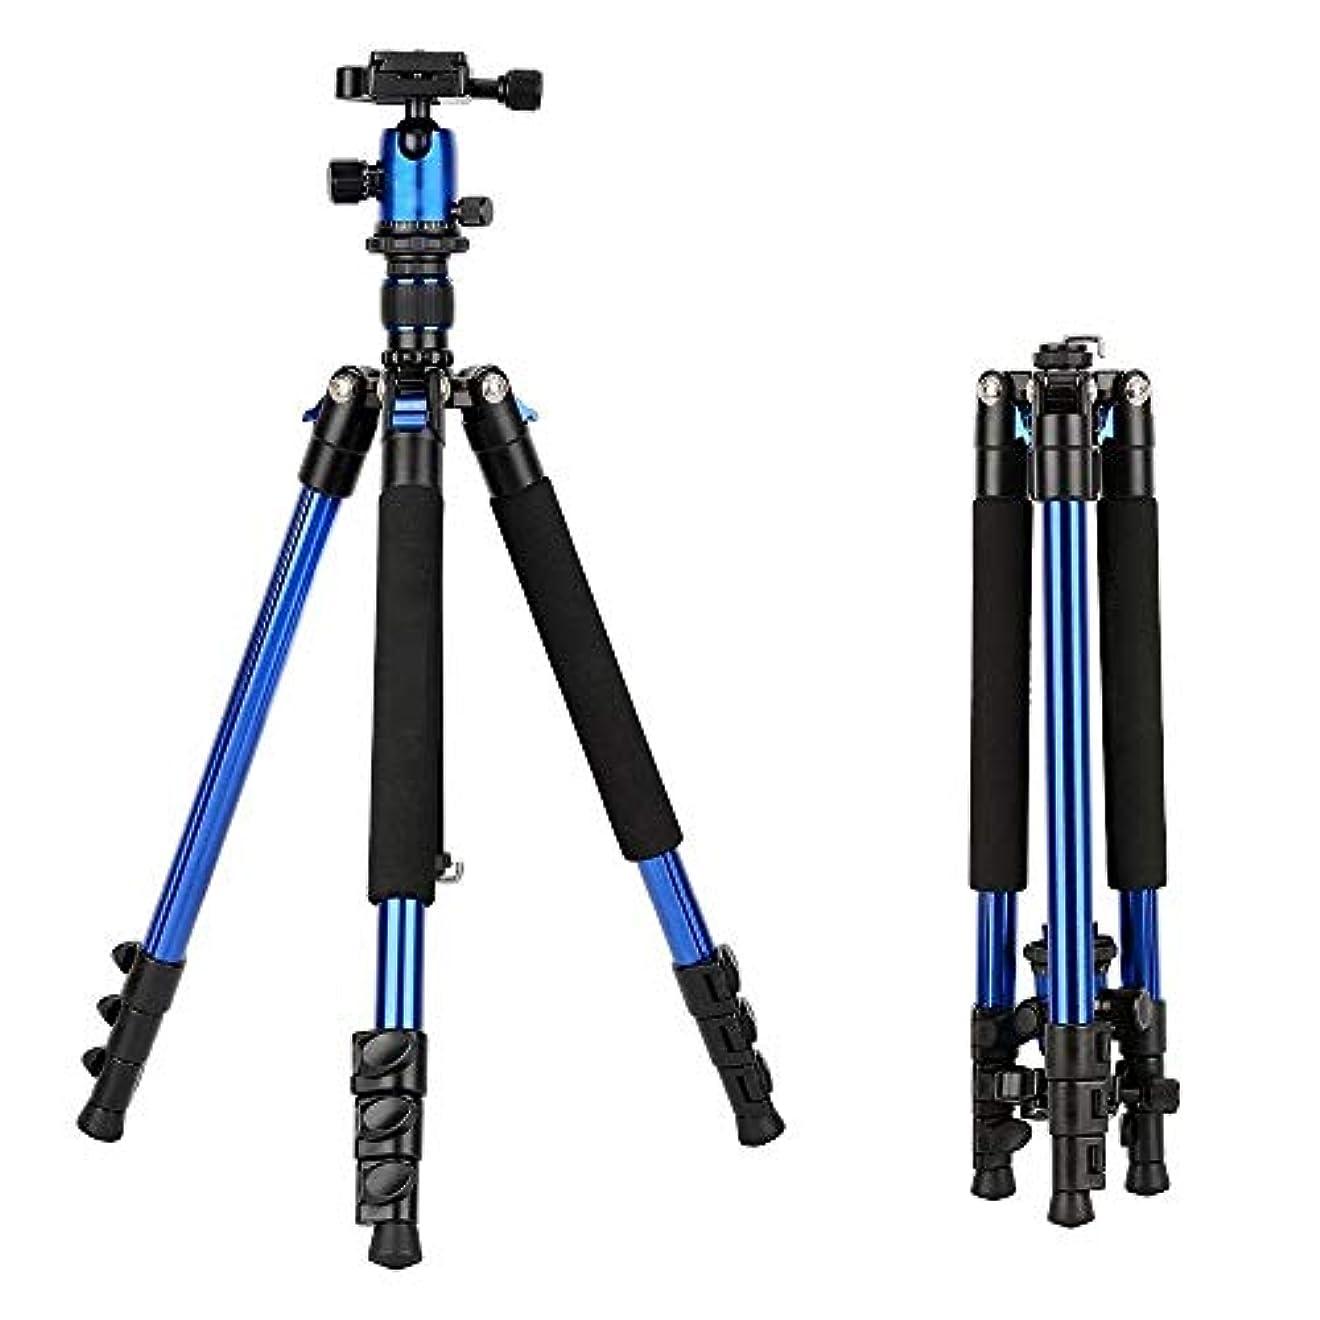 スキャンダルほぼ流行している三脚 アルミ三脚柔軟なポータブルカメラの三脚は、デジタル一眼レフカメラ用ボールヘッドとトライプスタンド スマートフォン三脚 (色 : Orange, Size : One size)